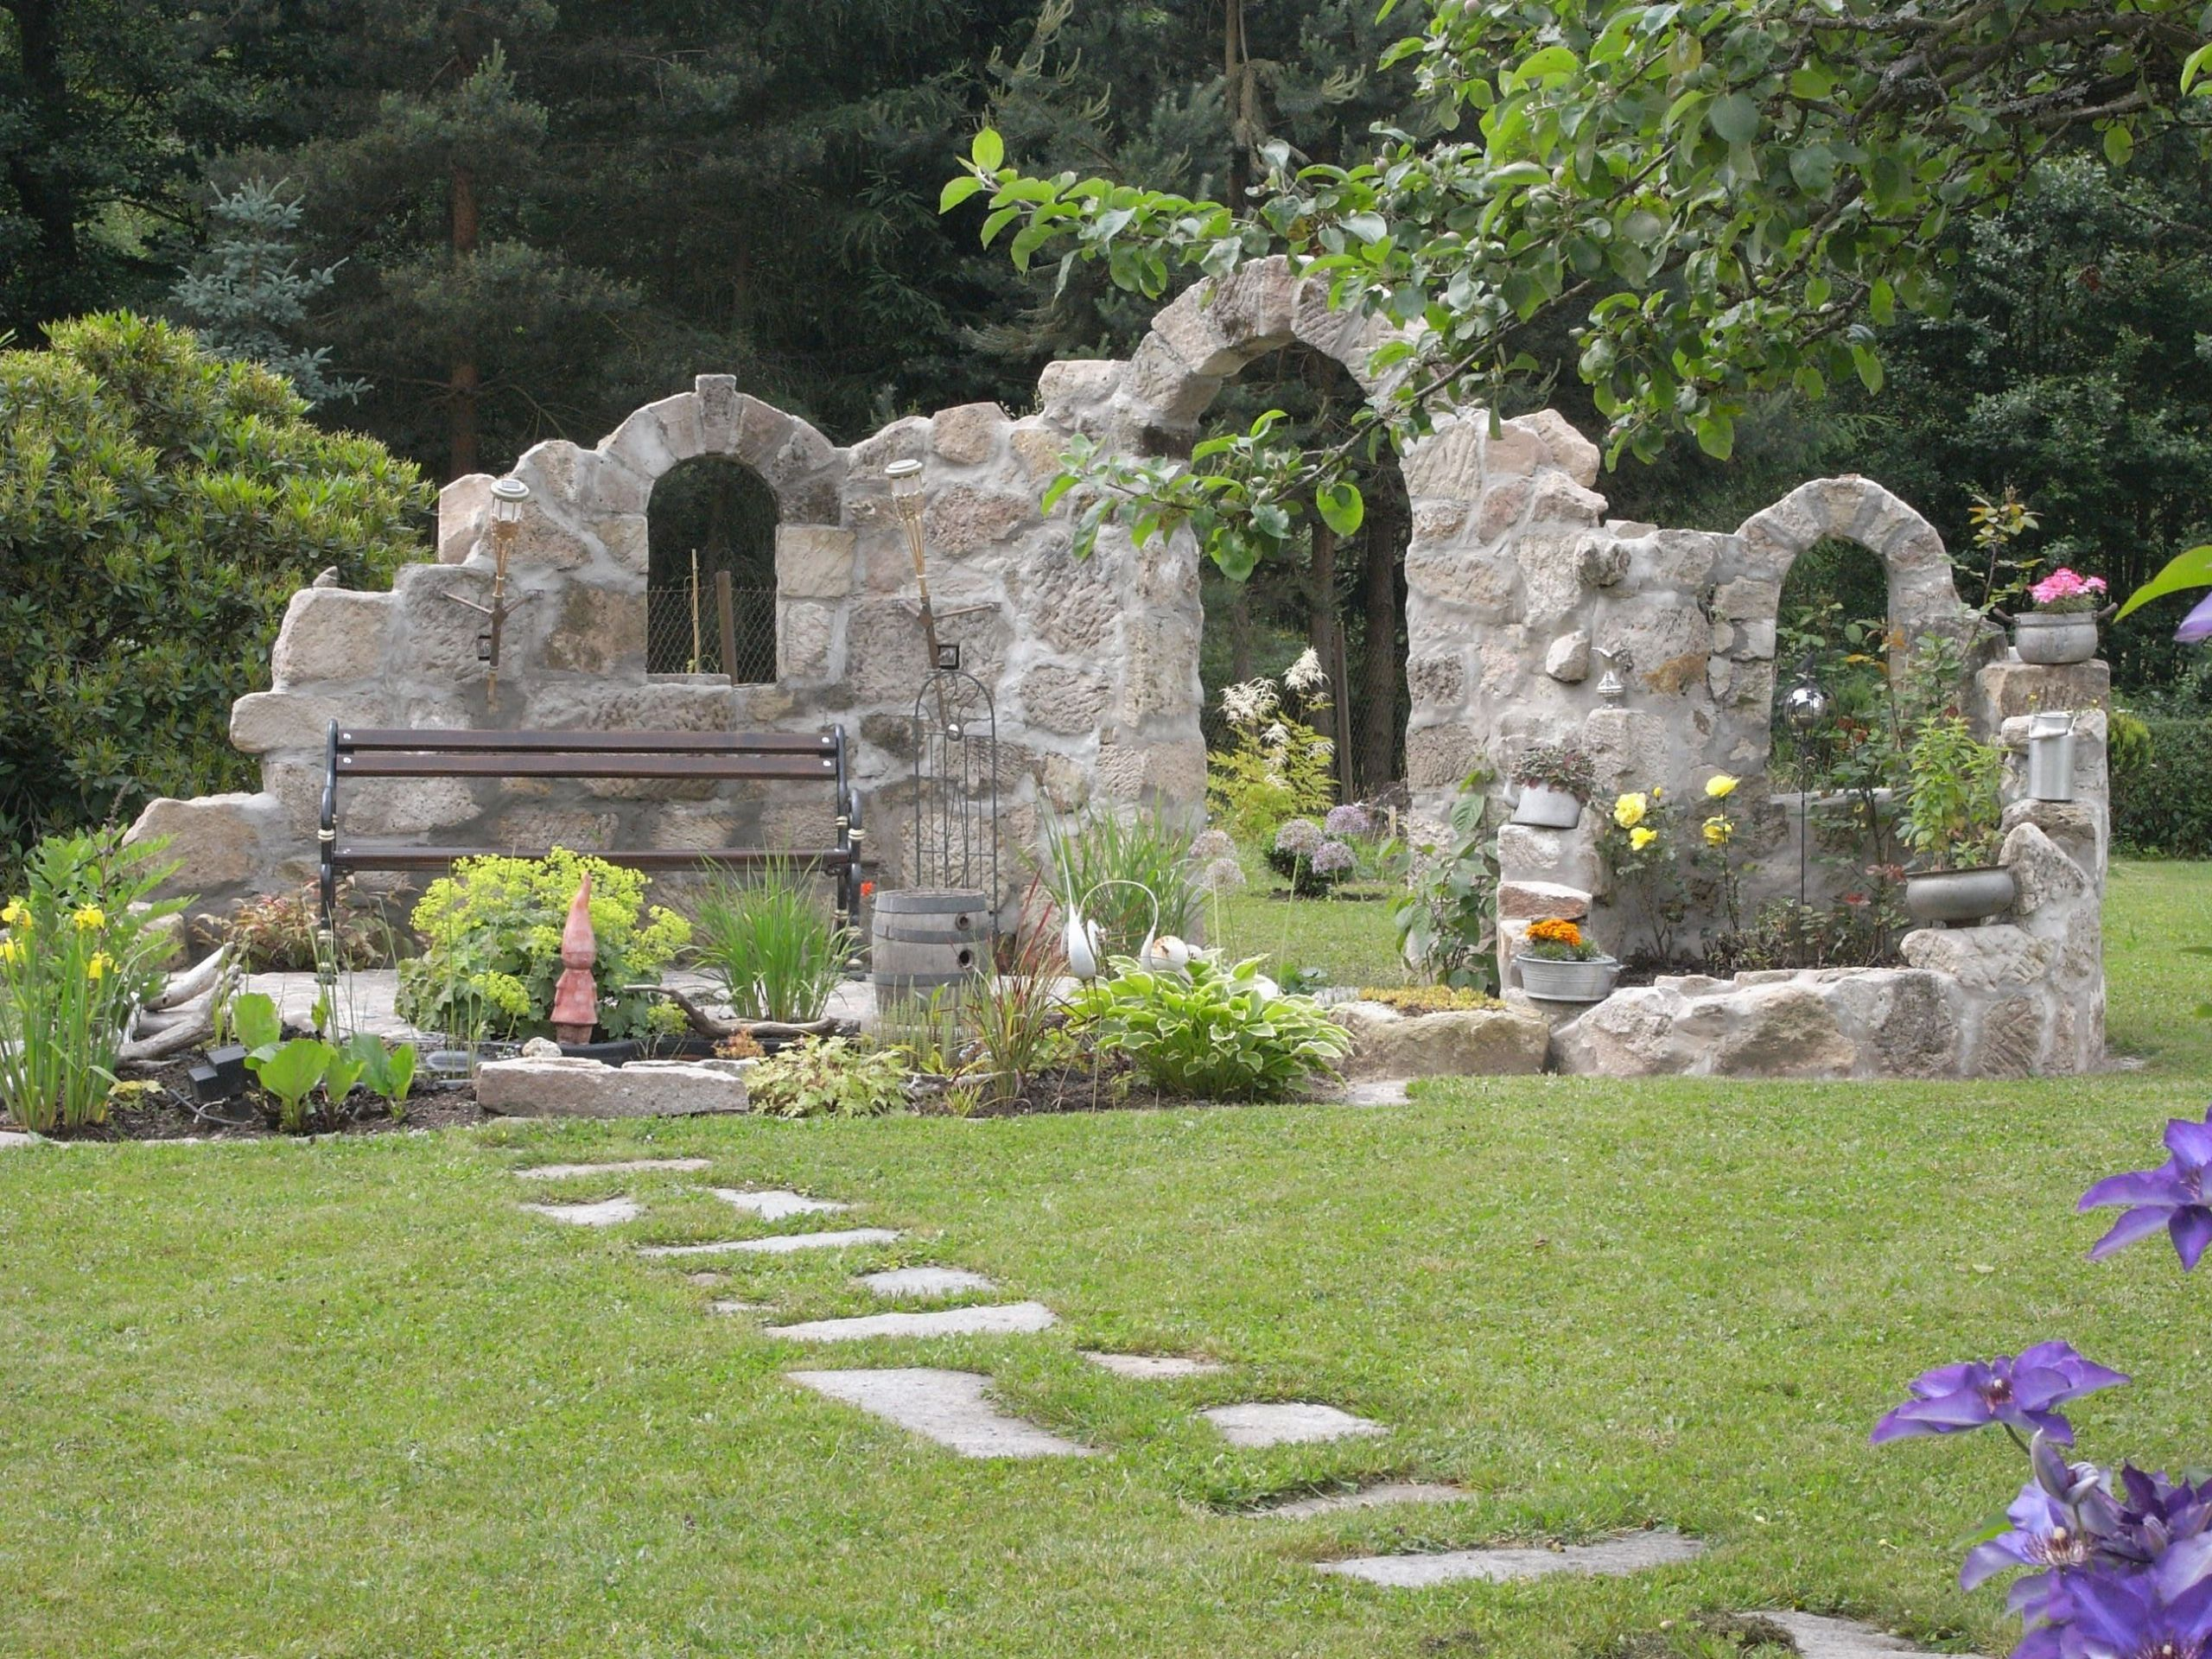 burgruine sitzplatz am teich ruine bilder und fotos ideen rund ums haus steinmauer garten bilder of steinmauer garten bilder scaled